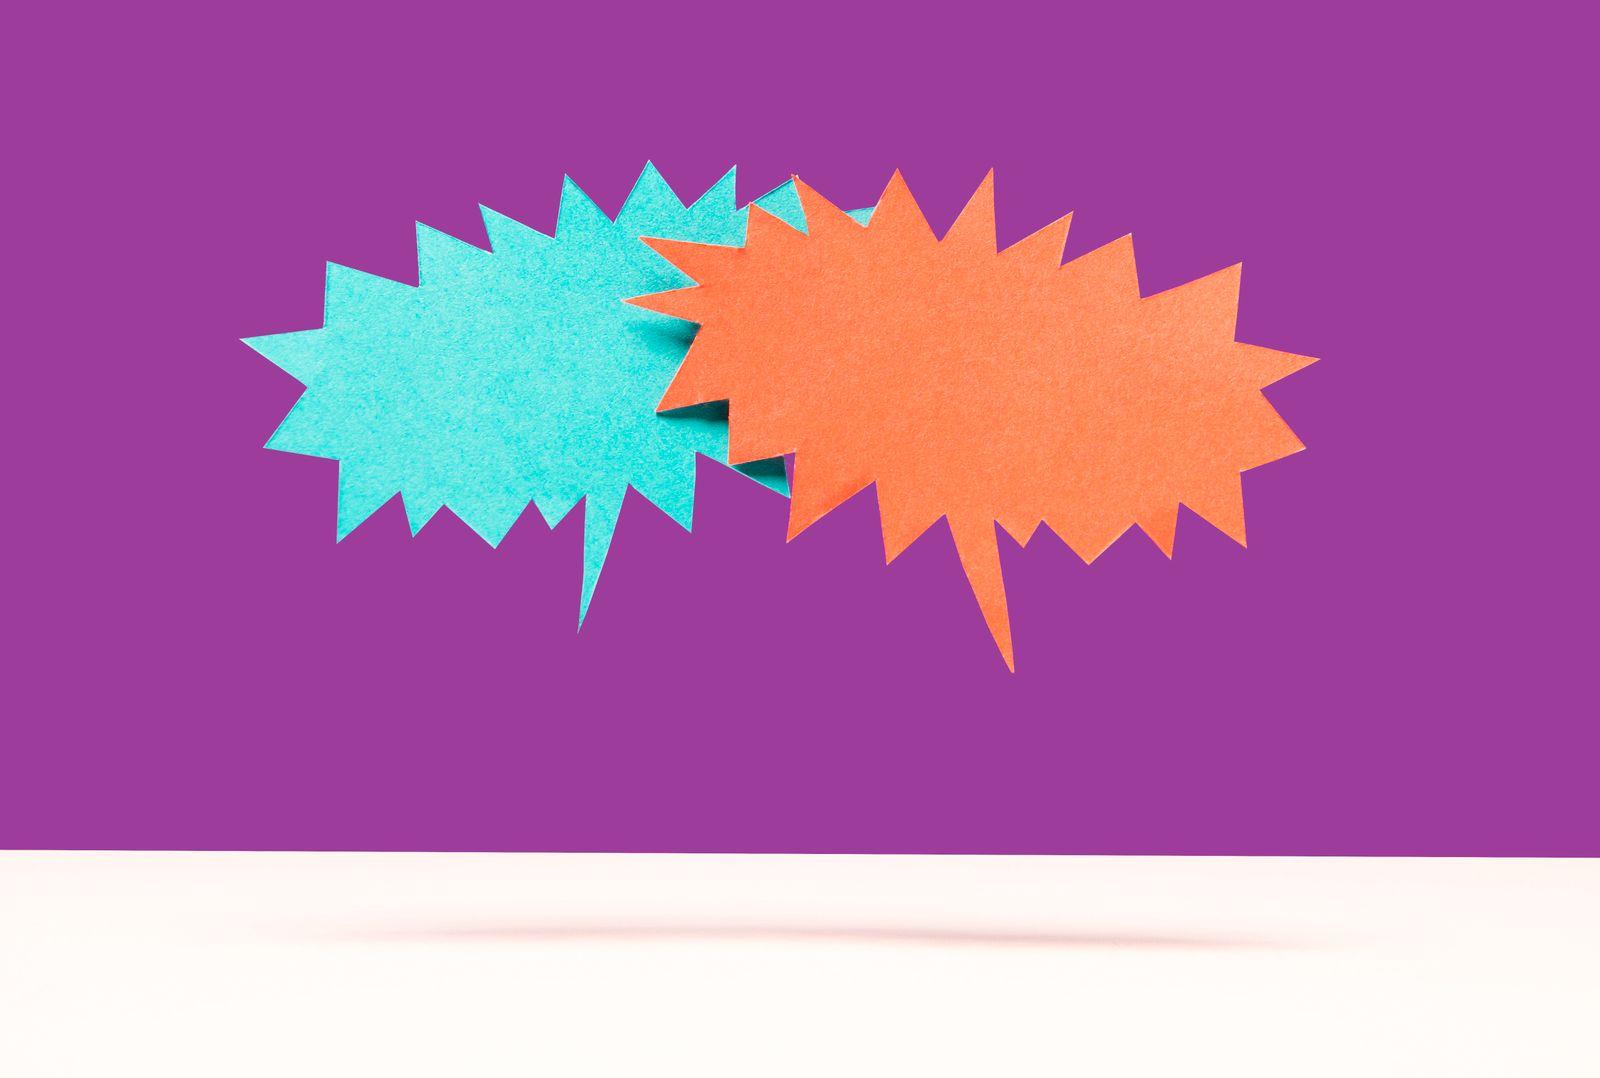 Speech bubble confrontation